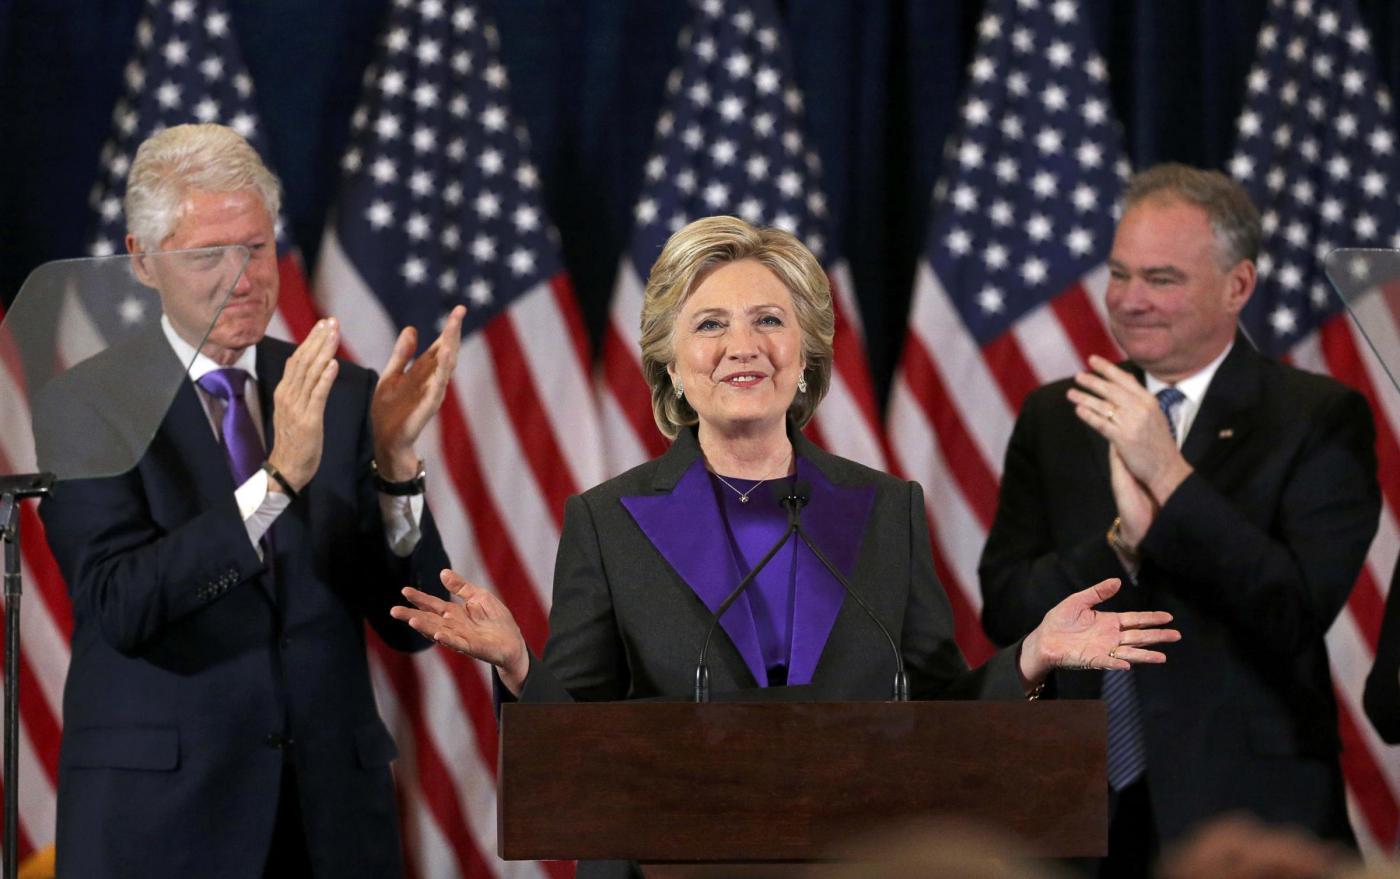 New York, il discorso di Hillary Clinton dopo la sconfitta elettorale